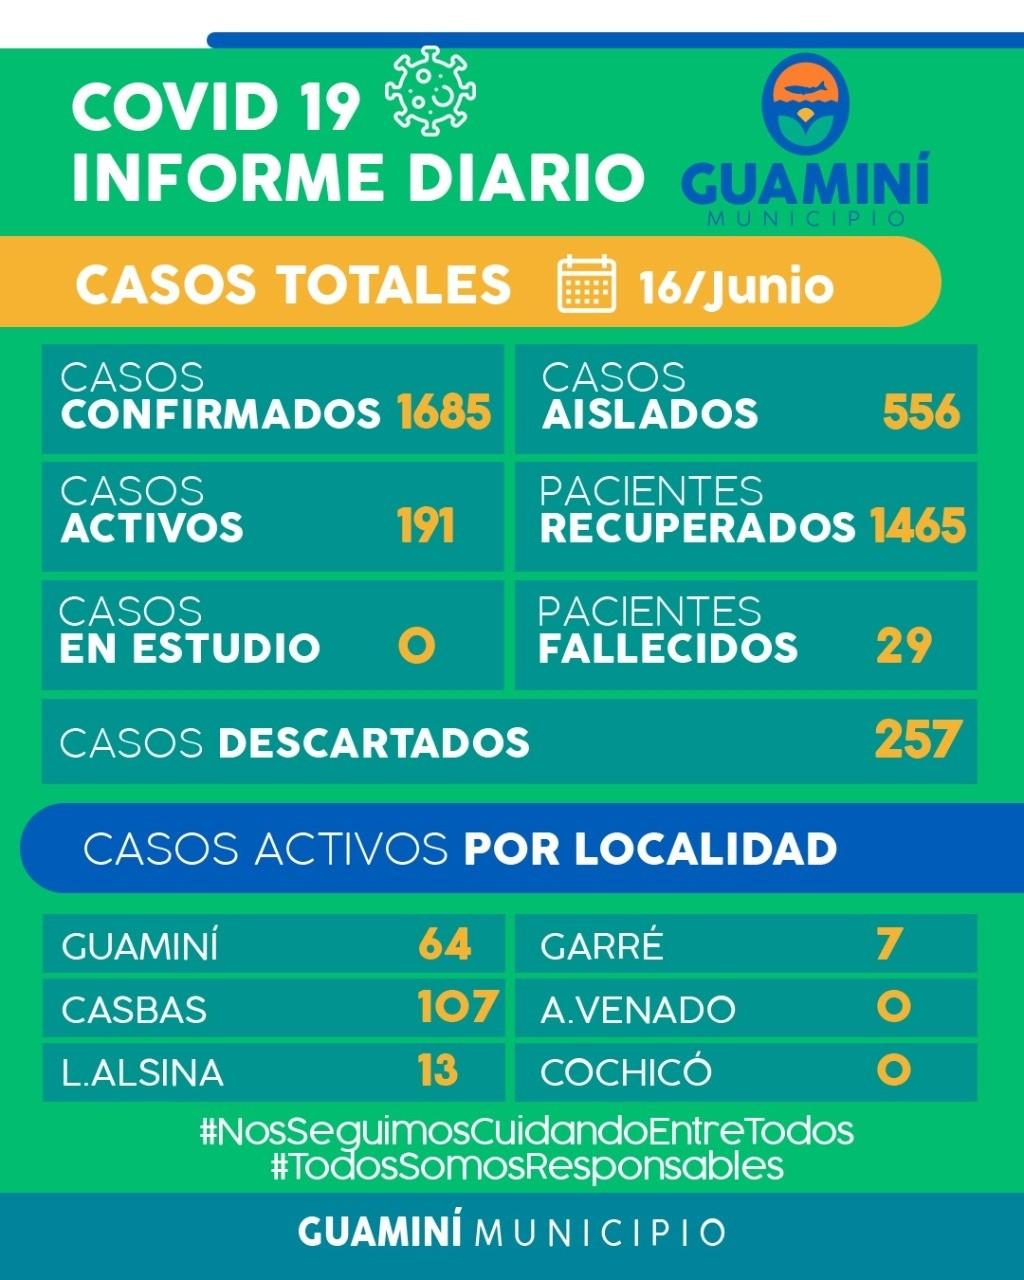 CORONAVIRUS: INFORME DIARIO DE SITUACIÓN A NIVEL NACIONAL Y LOCAL  - 16 DE JUNIO -